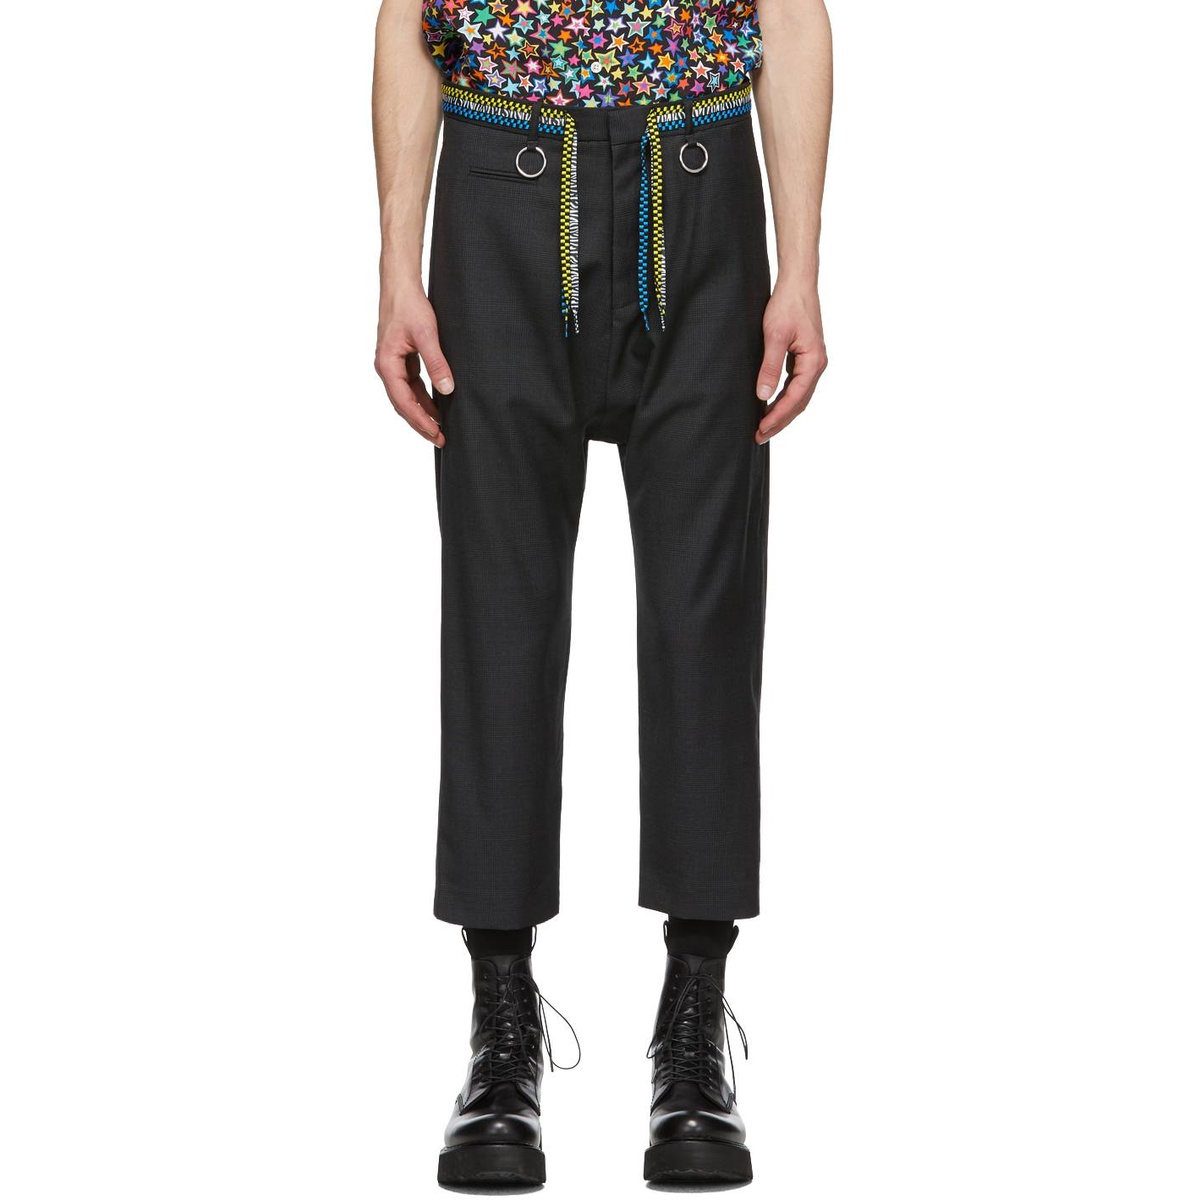 代购R13 灰色 Shoelace Belt 羊毛长裤2021新款奢侈品运动裤舒适